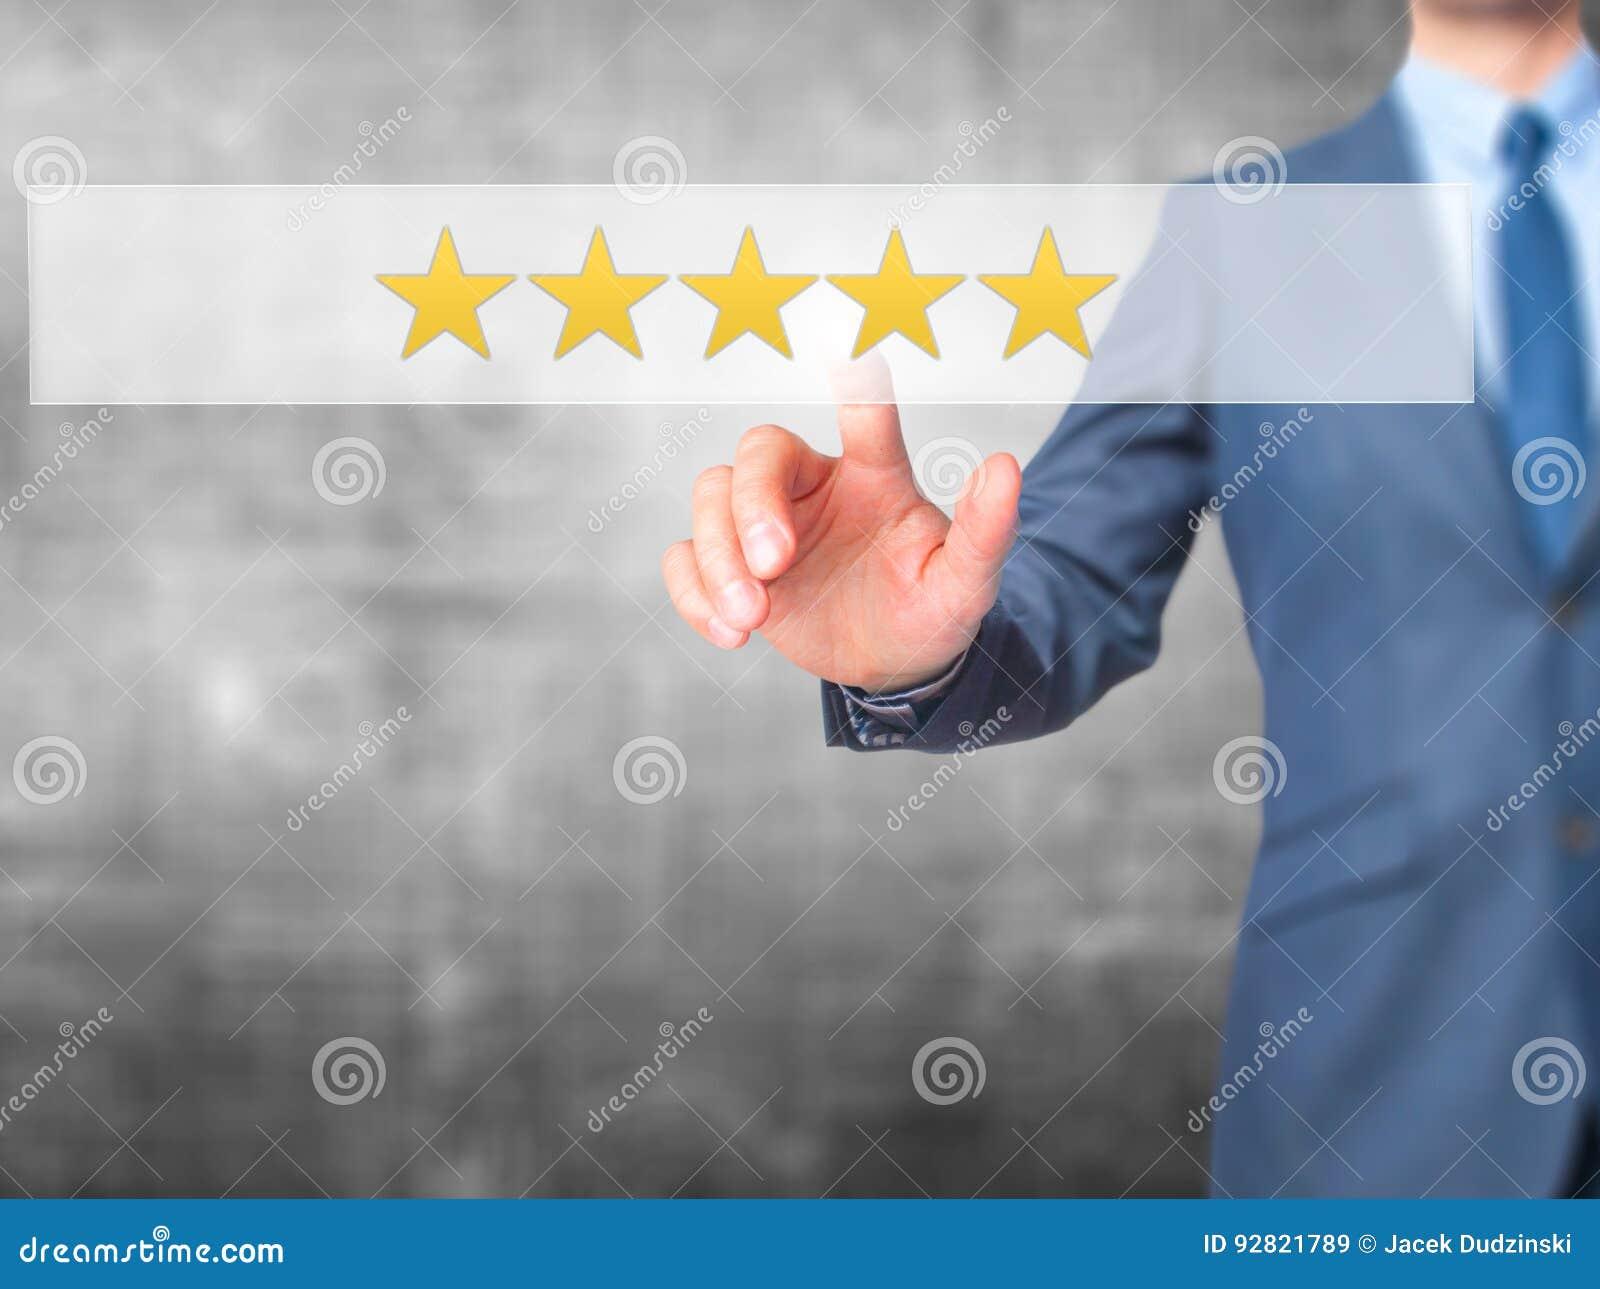 Πέντε αστέρων εκτίμηση - κουμπί συμπίεσης χεριών επιχειρηματιών στο SCR αφής